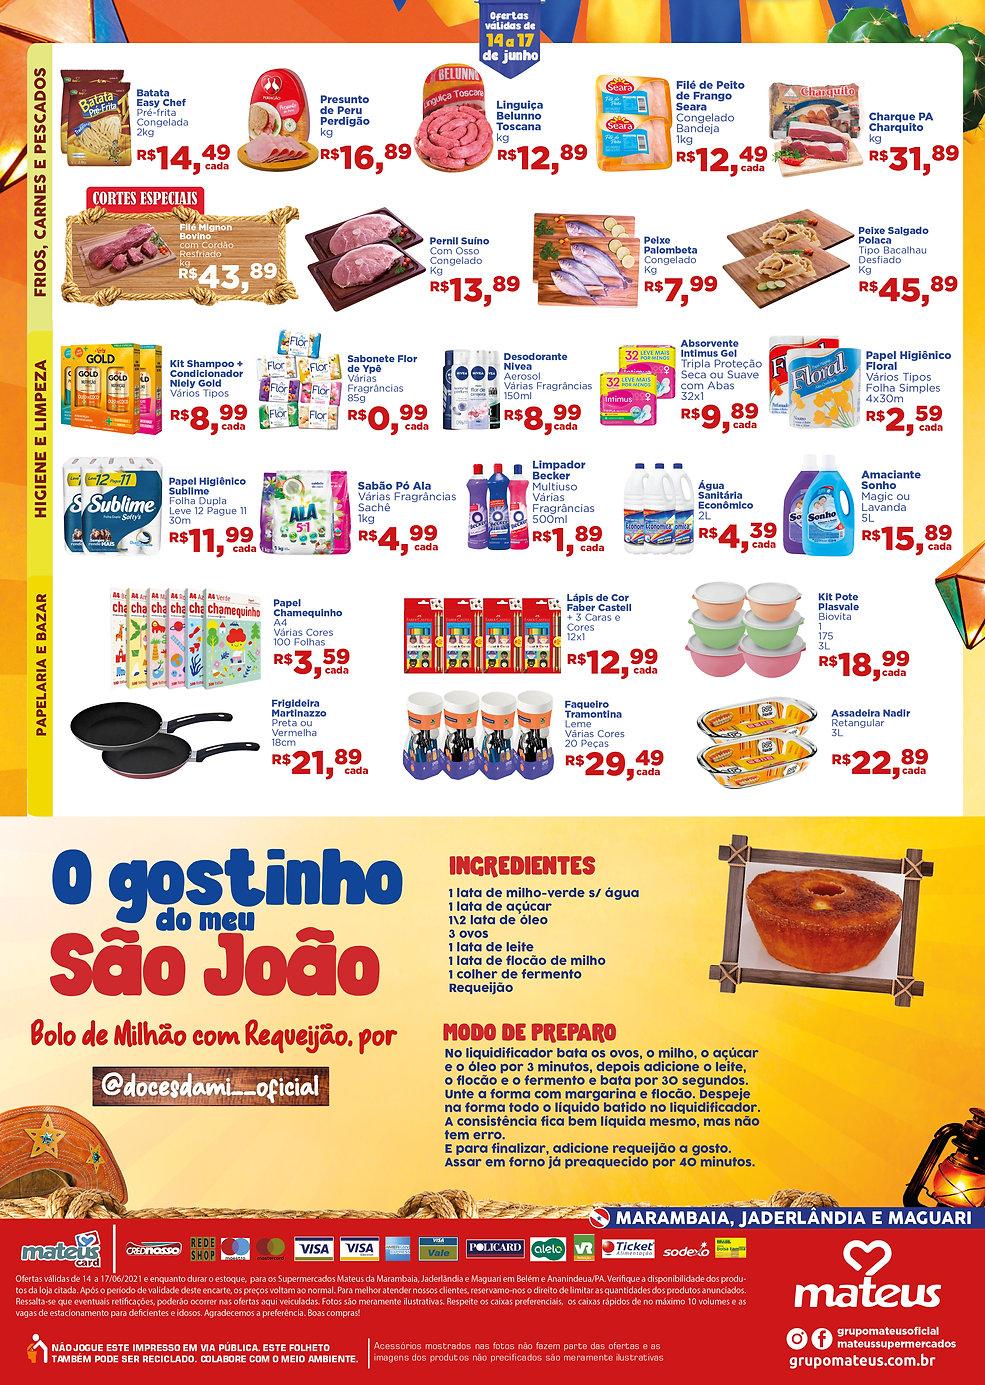 REGULAR_ALTAMIRA_04_A_07_DE_JANEIRO2.jpg